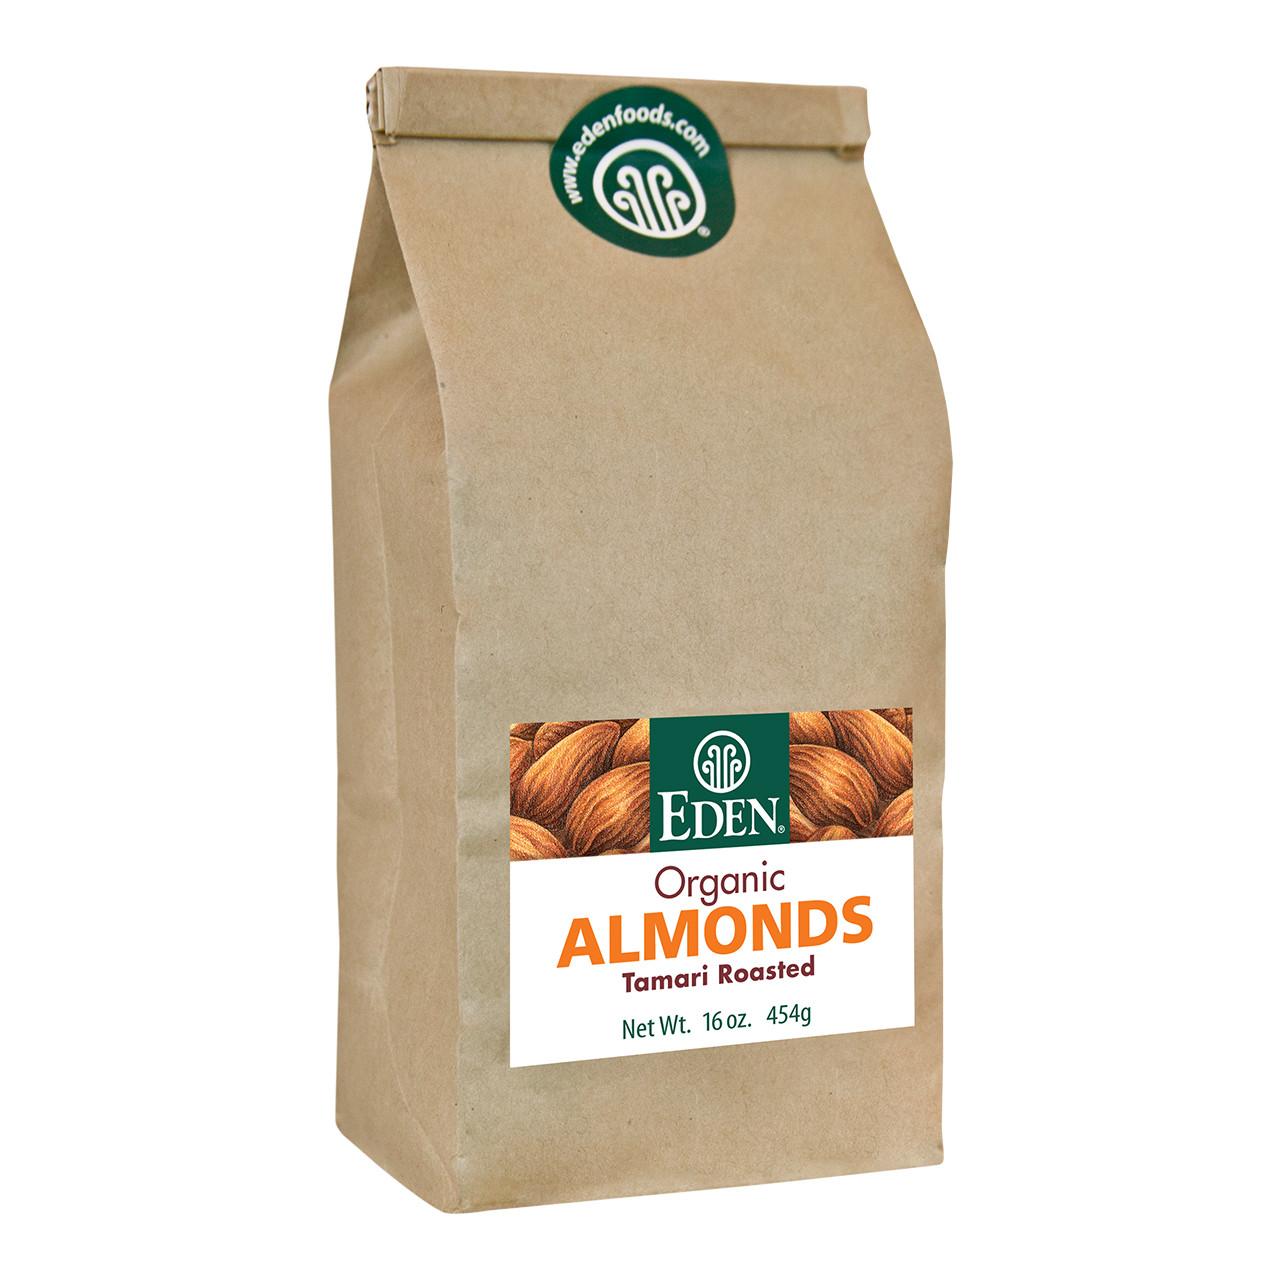 Tamari Roasted Almonds, Organic - 1 lb